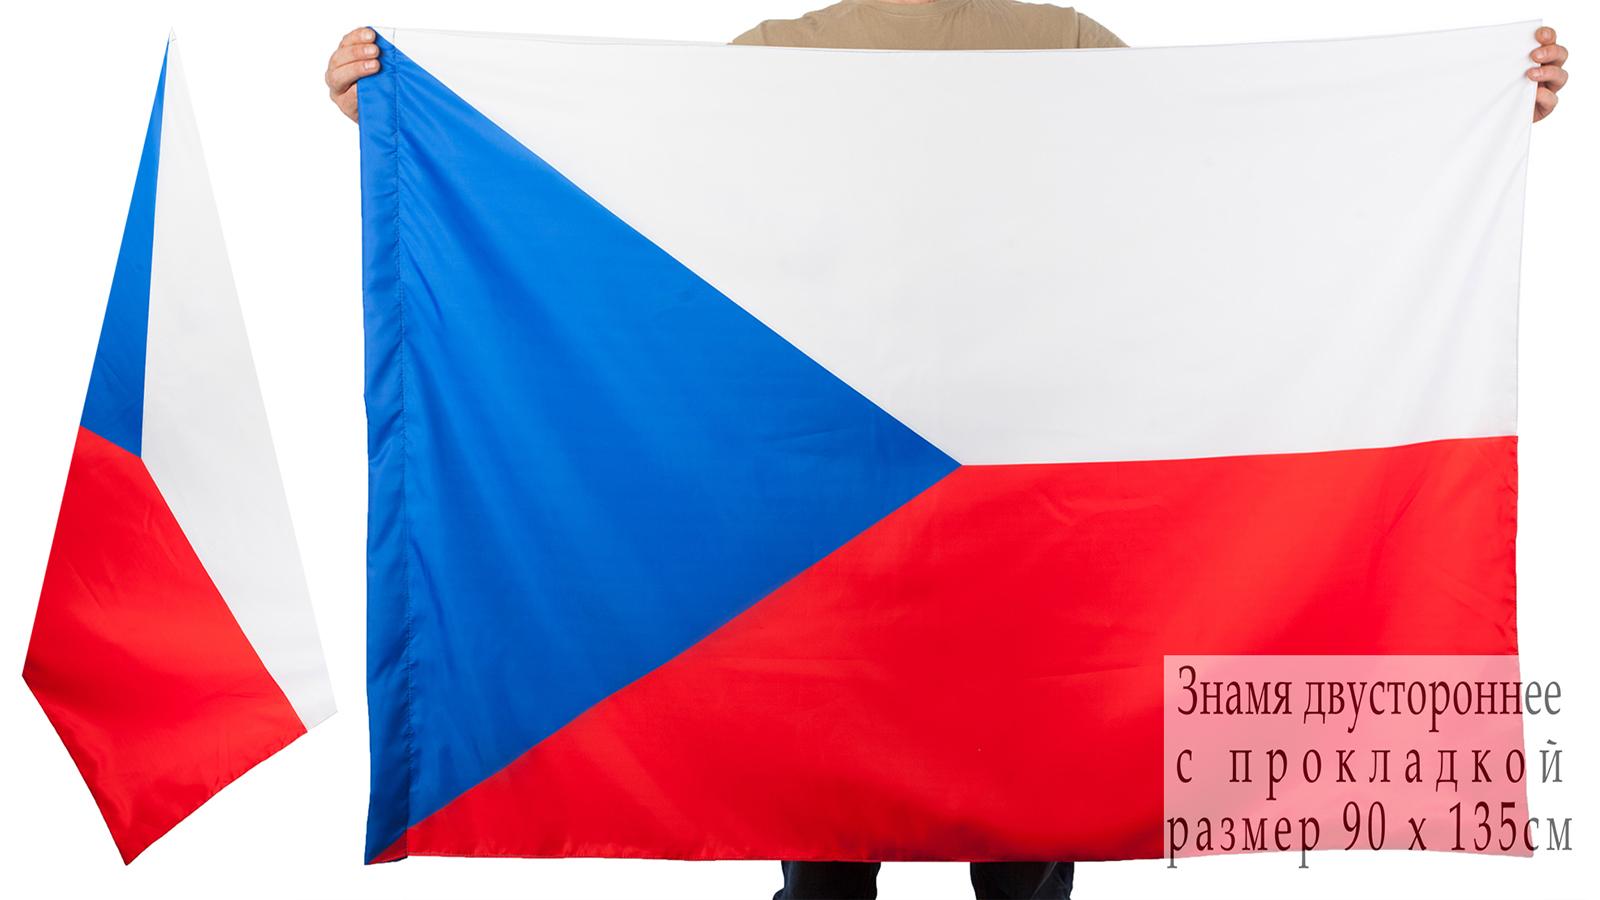 Двухсторонний флаг Чехии